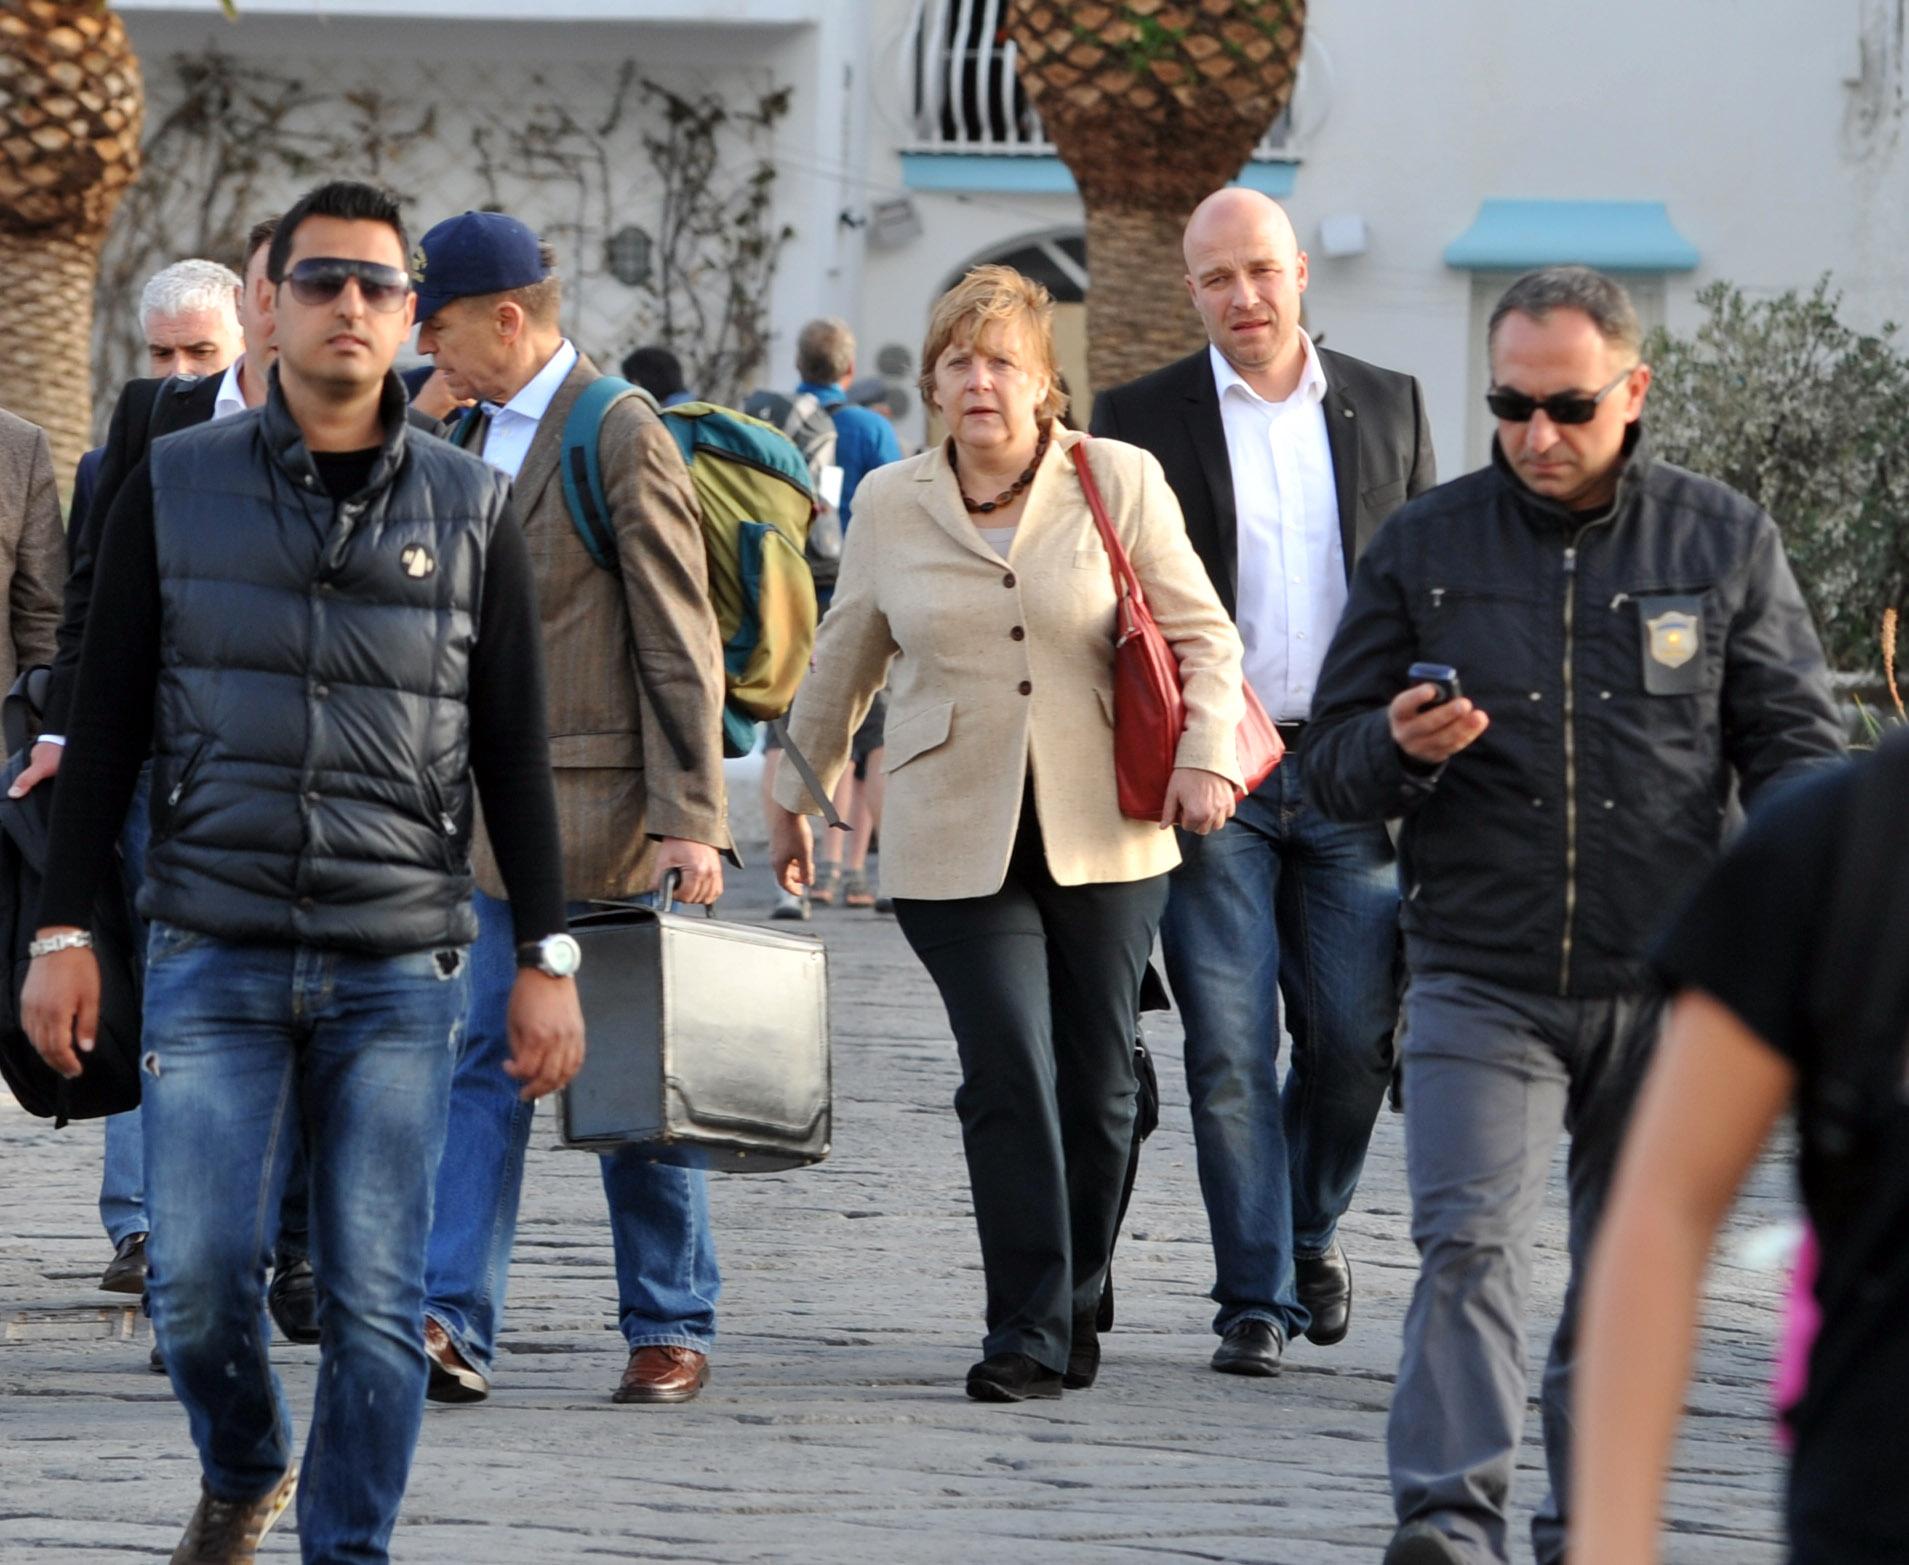 Continua la visita della Merkel a Napoli: stasera al San Carlo per l'Otello